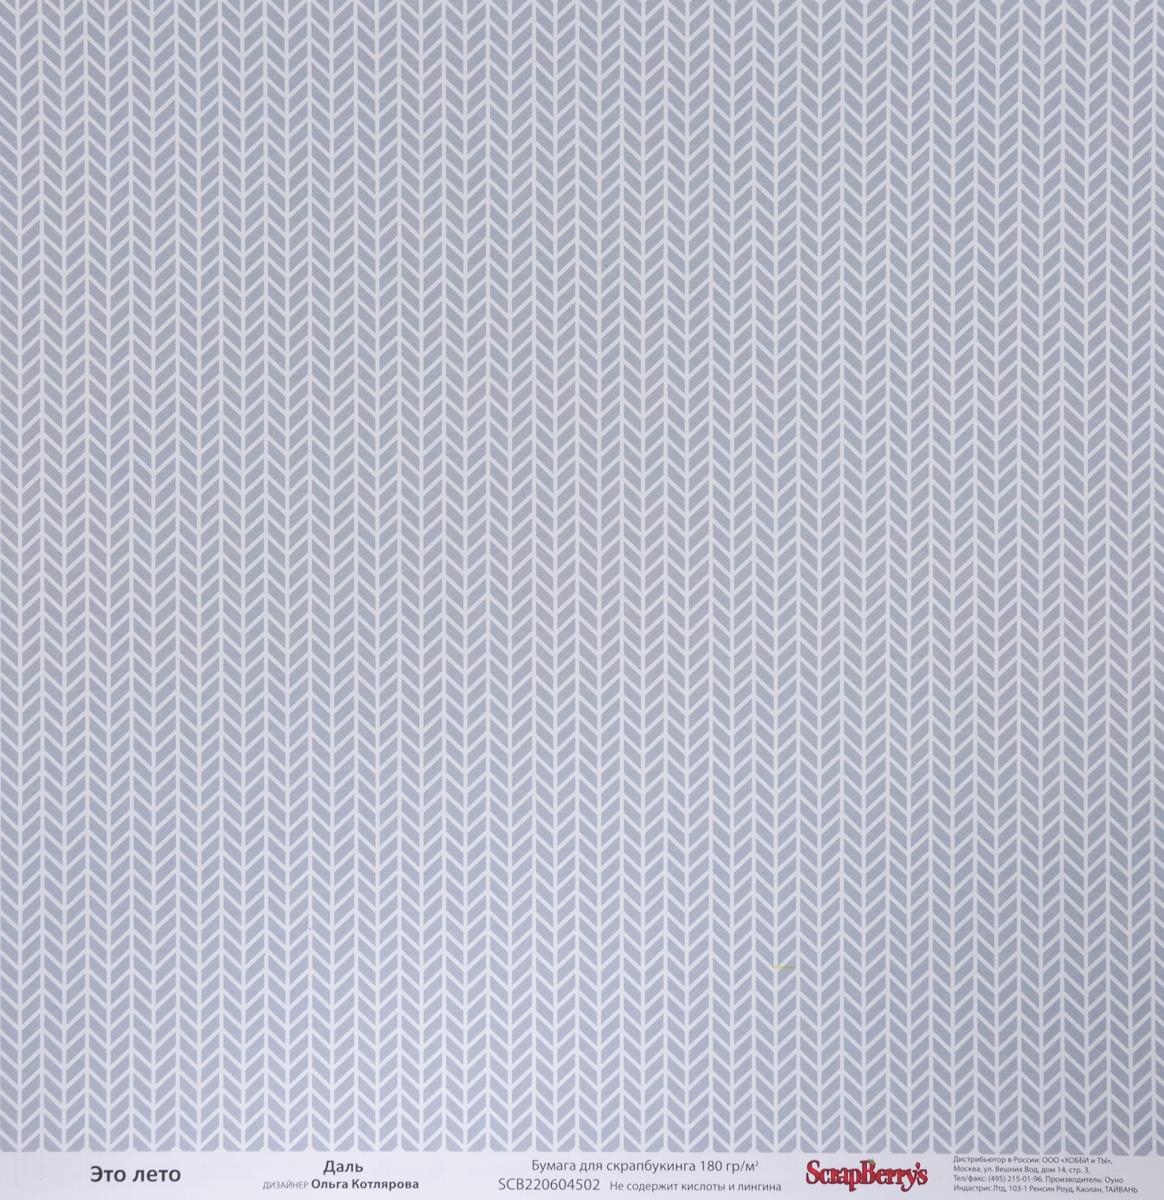 Бумага для скрапбукинга ScrapBerrys Это лето. Даль, 30,5 х 30,5 см, 10 листов7714650Бумага для скрапбукинга ScrapBerrys Это лето. Даль позволит создать красивый альбом, фоторамку или открытку ручной работы, оформить подарок или аппликацию. Набор включает в себя 10 листов из плотной бумаги с двухсторонней печатью, всего 2 оригинальных дизайна. Бумага не содержит кислоты и лигнина.Скрапбукинг - это хобби, которое способно приносить массу приятных эмоций не только человеку, который этим занимается, но и его близким, друзьям, родным. Это невероятно увлекательное занятие, которое поможет вам сохранить наиболее памятные и яркие моменты вашей жизни, а также интересно оформить интерьер дома. Размер листа: 30,5 х 30,5 см.Плотность бумаги: 180 г/м2.